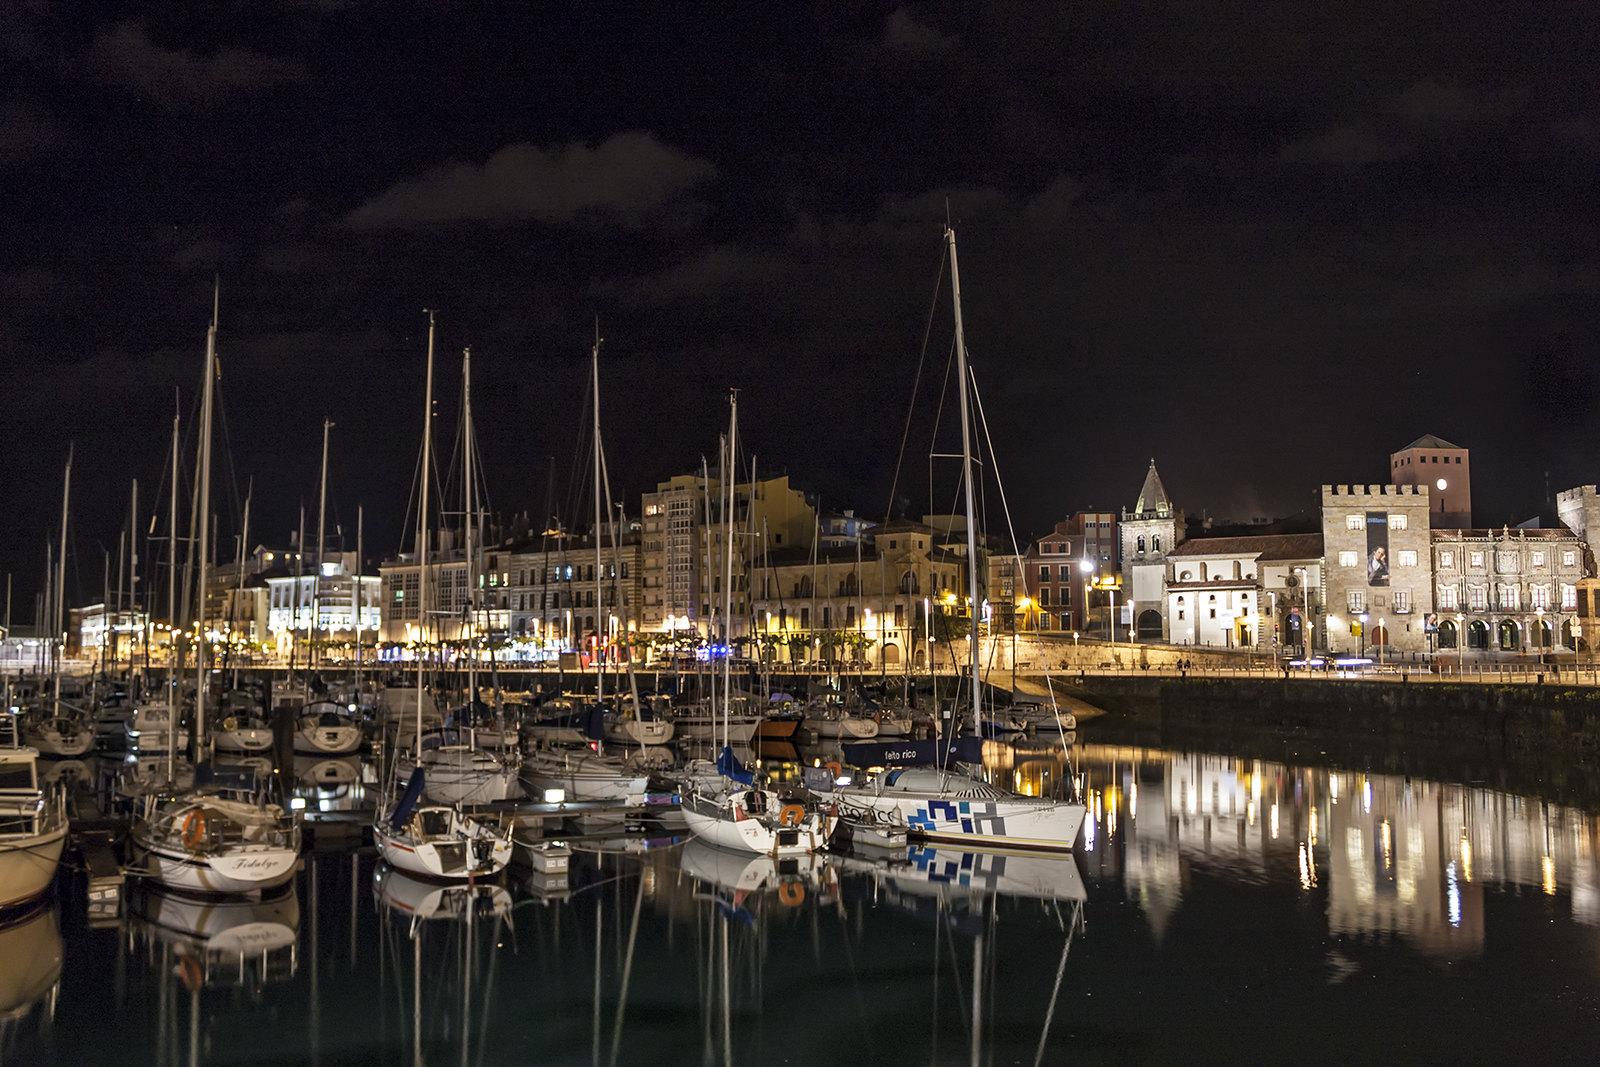 Gijón de noche, por Sergio Pérez Algaba